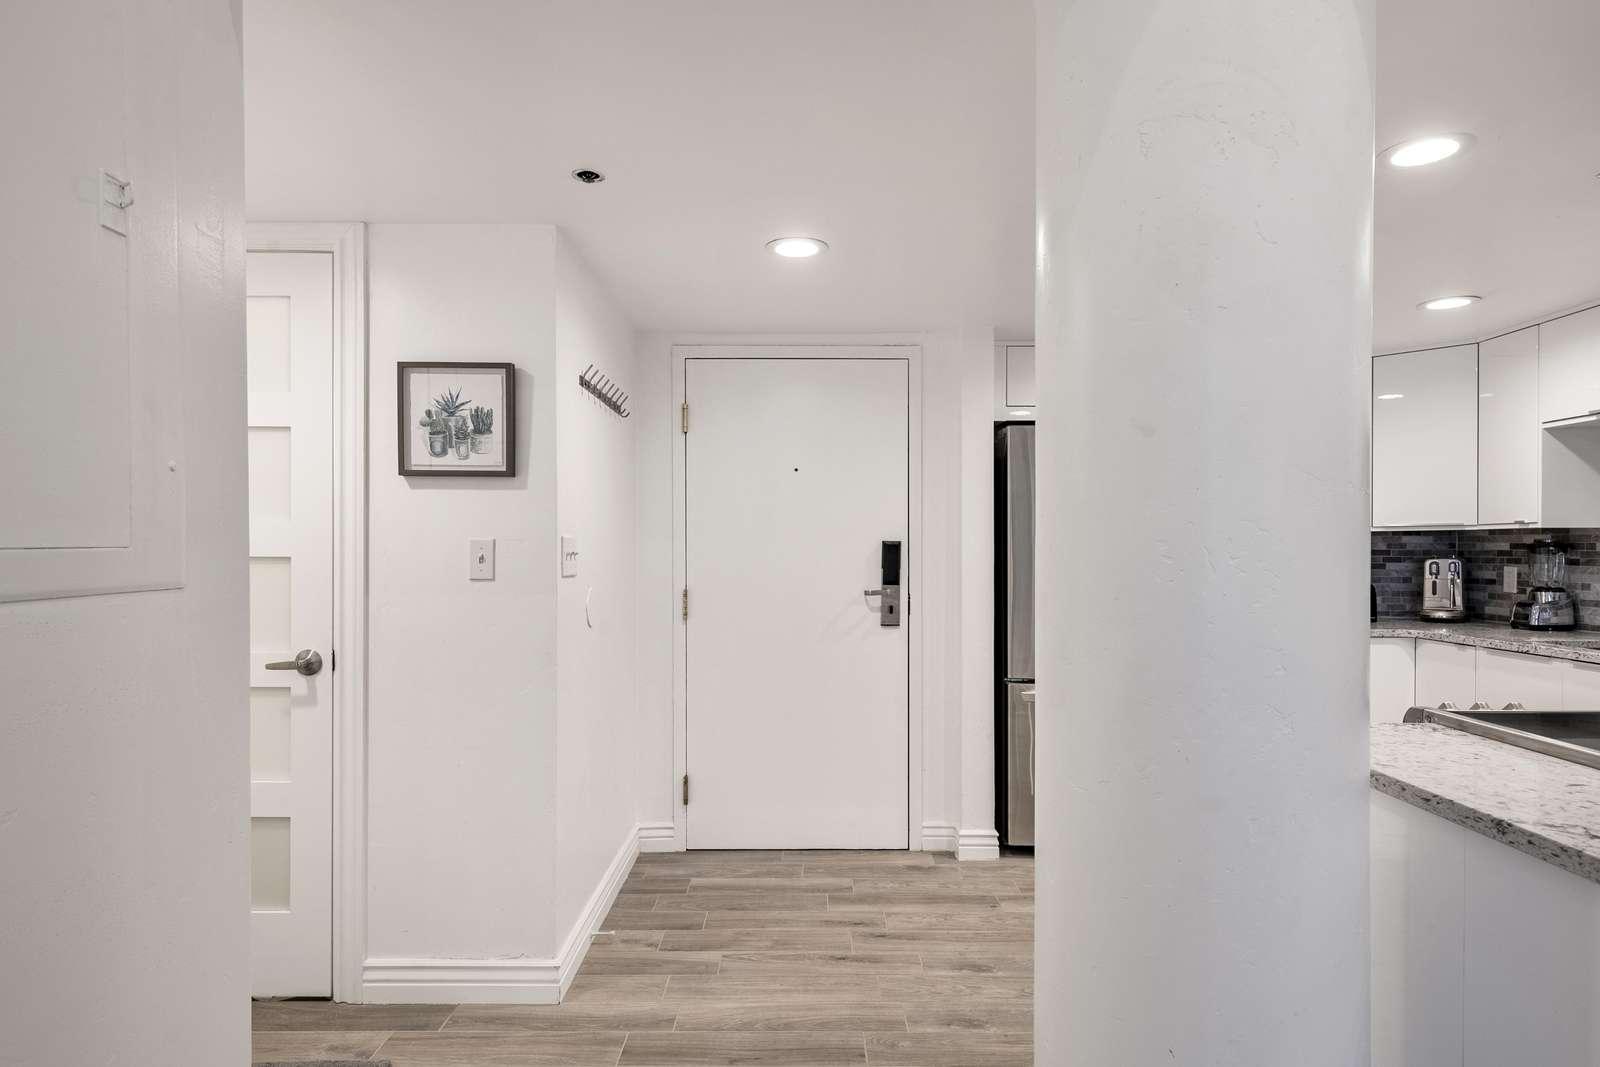 Entry door, and bathroom door on left